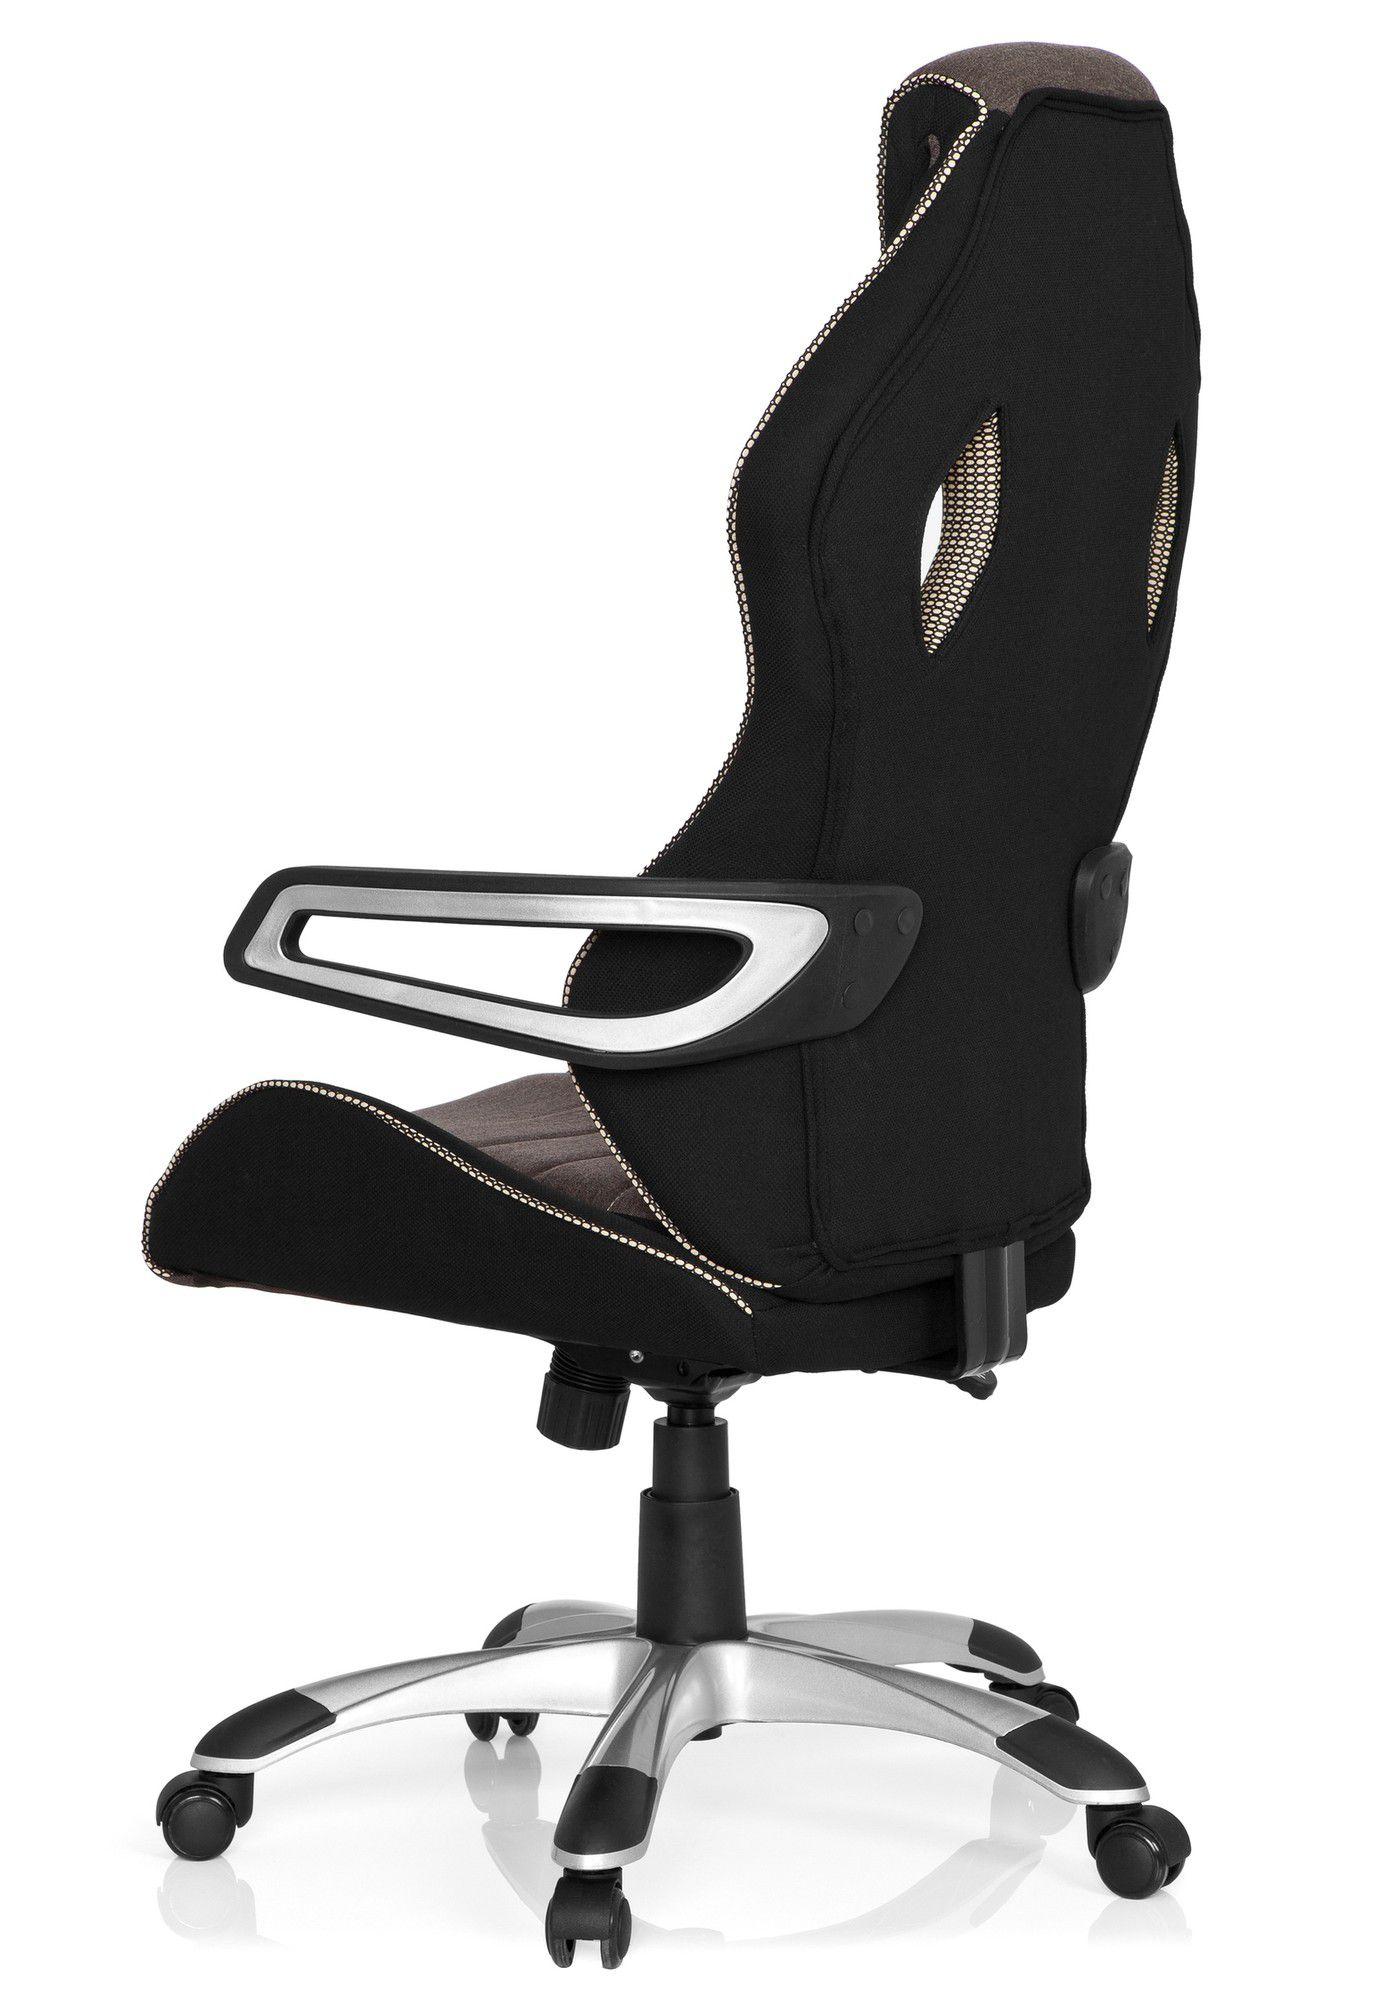 gaming stuhl b rostuhl racer pro iii stoff schwarz grau. Black Bedroom Furniture Sets. Home Design Ideas